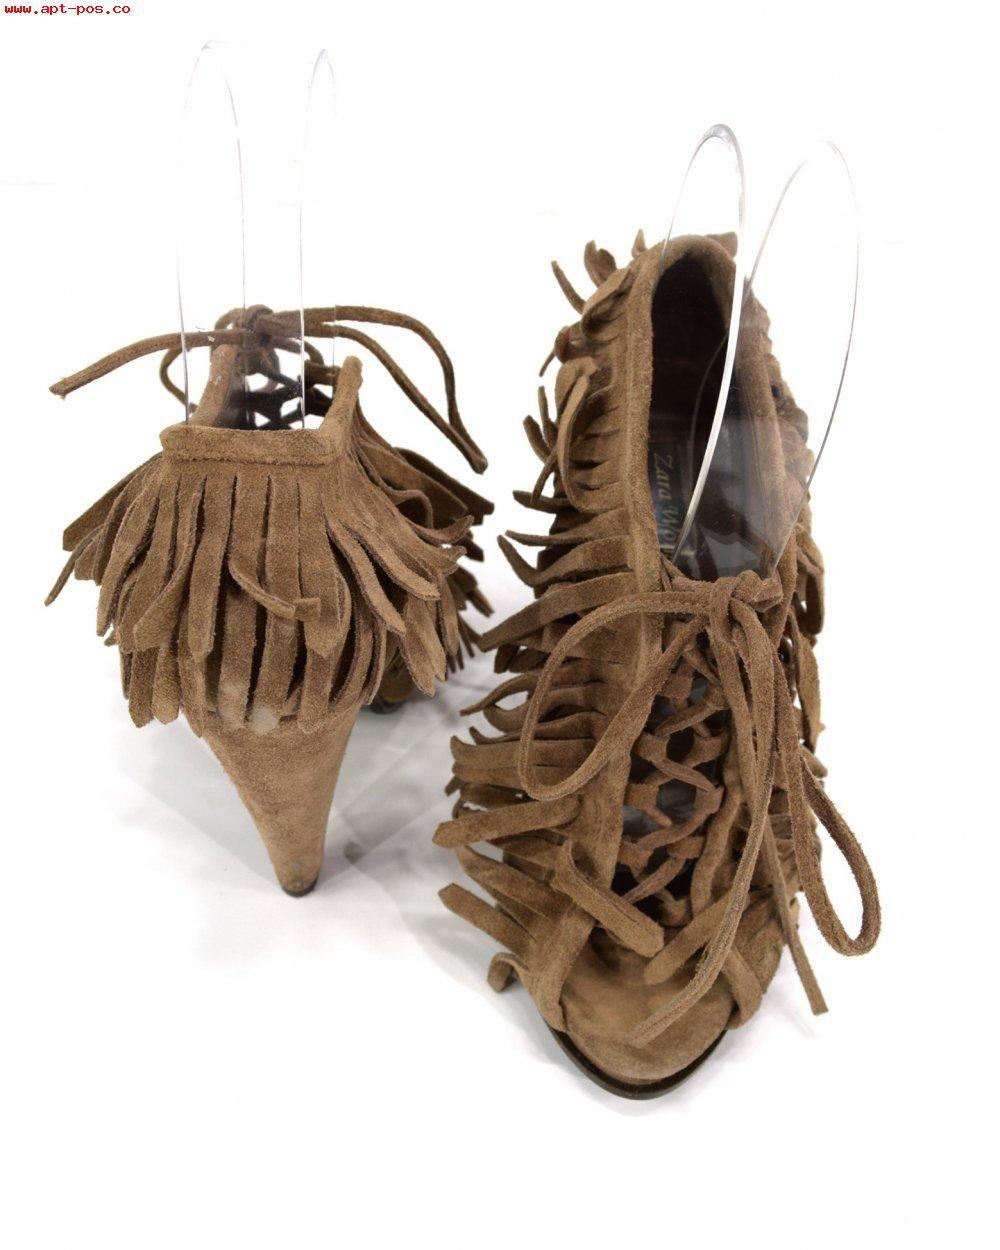 Mujer Zara Mujer Zara Mujer Mujer Zara Zara Zapatos Zapatos aSwqHp